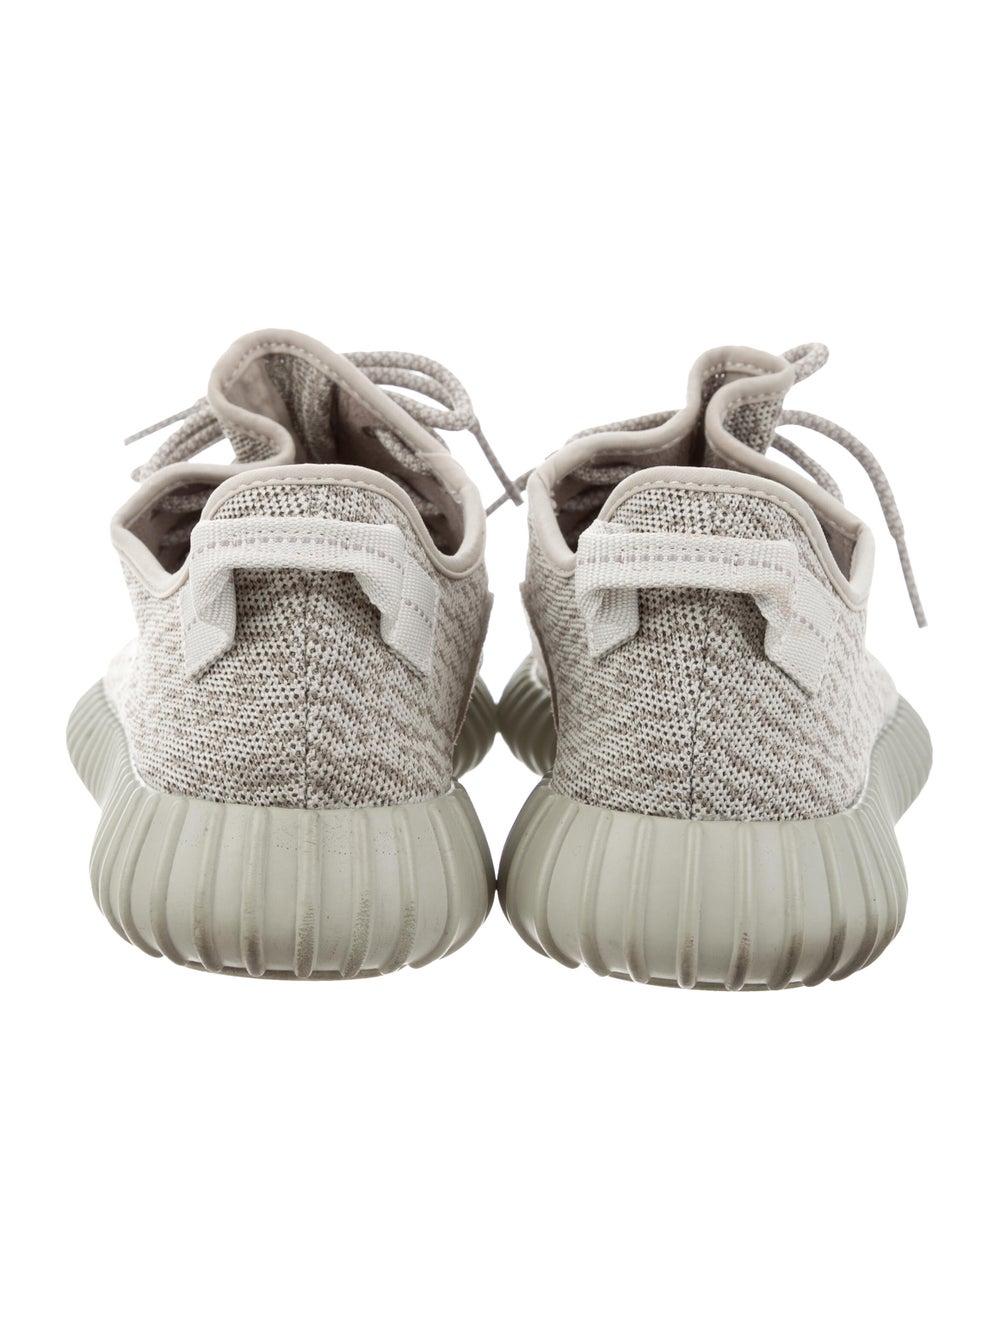 Yeezy x adidas Yeezy Boost 350 Moonrock Sneakers - image 4